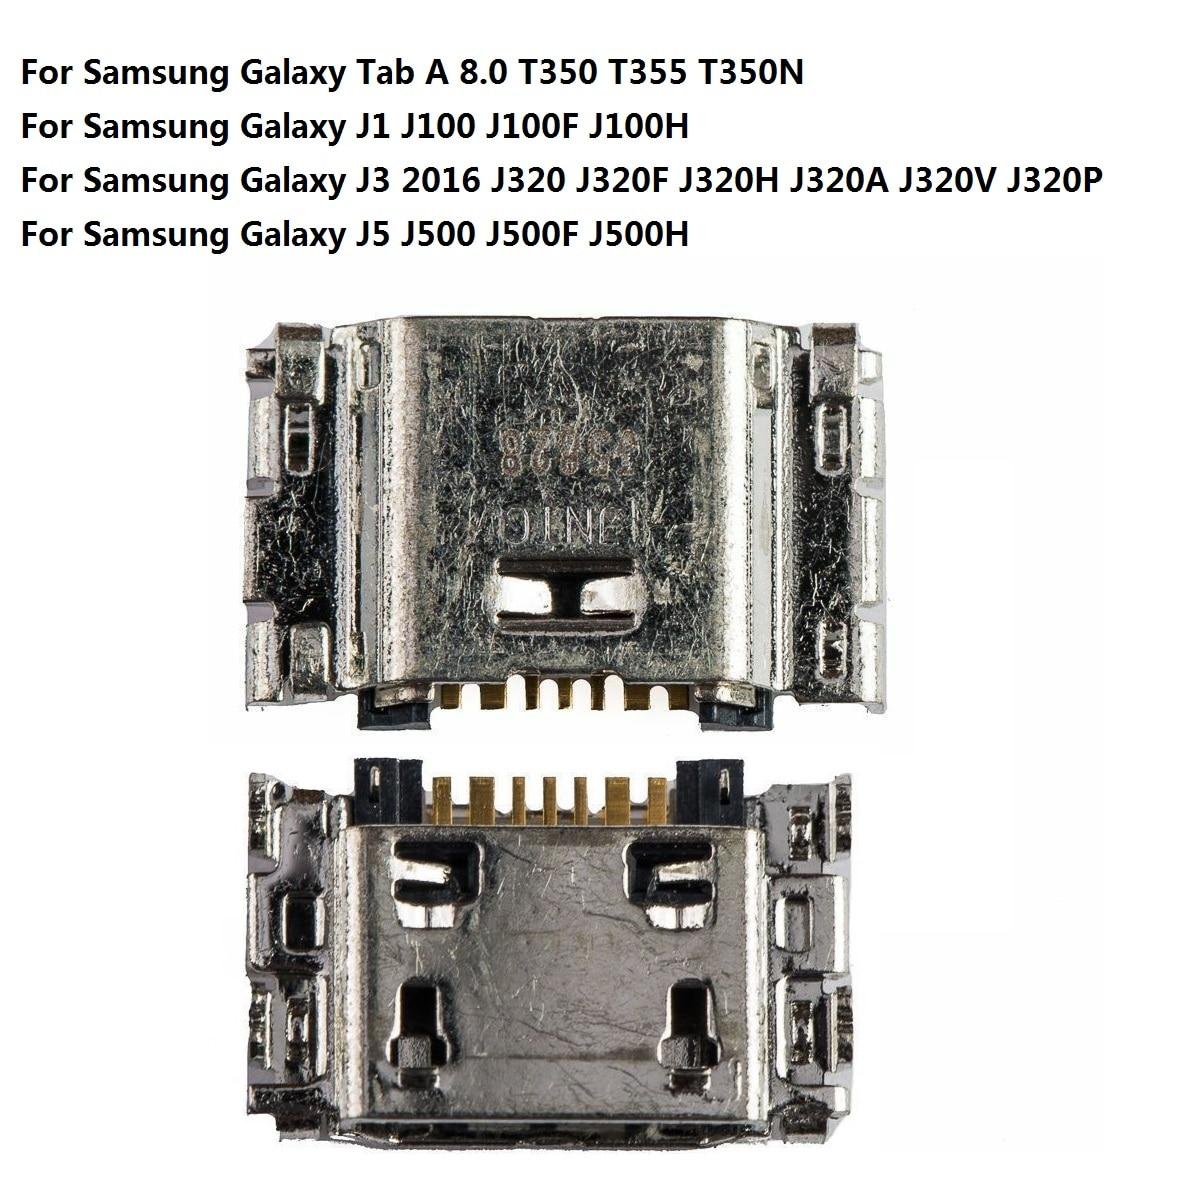 For Samsung Galaxy A 8.0 T350 T355/Galaxy J1 J100 J100F/J3 2016 J320 J320F/J5 J500 J500F Charge Charging Port Socket Connector